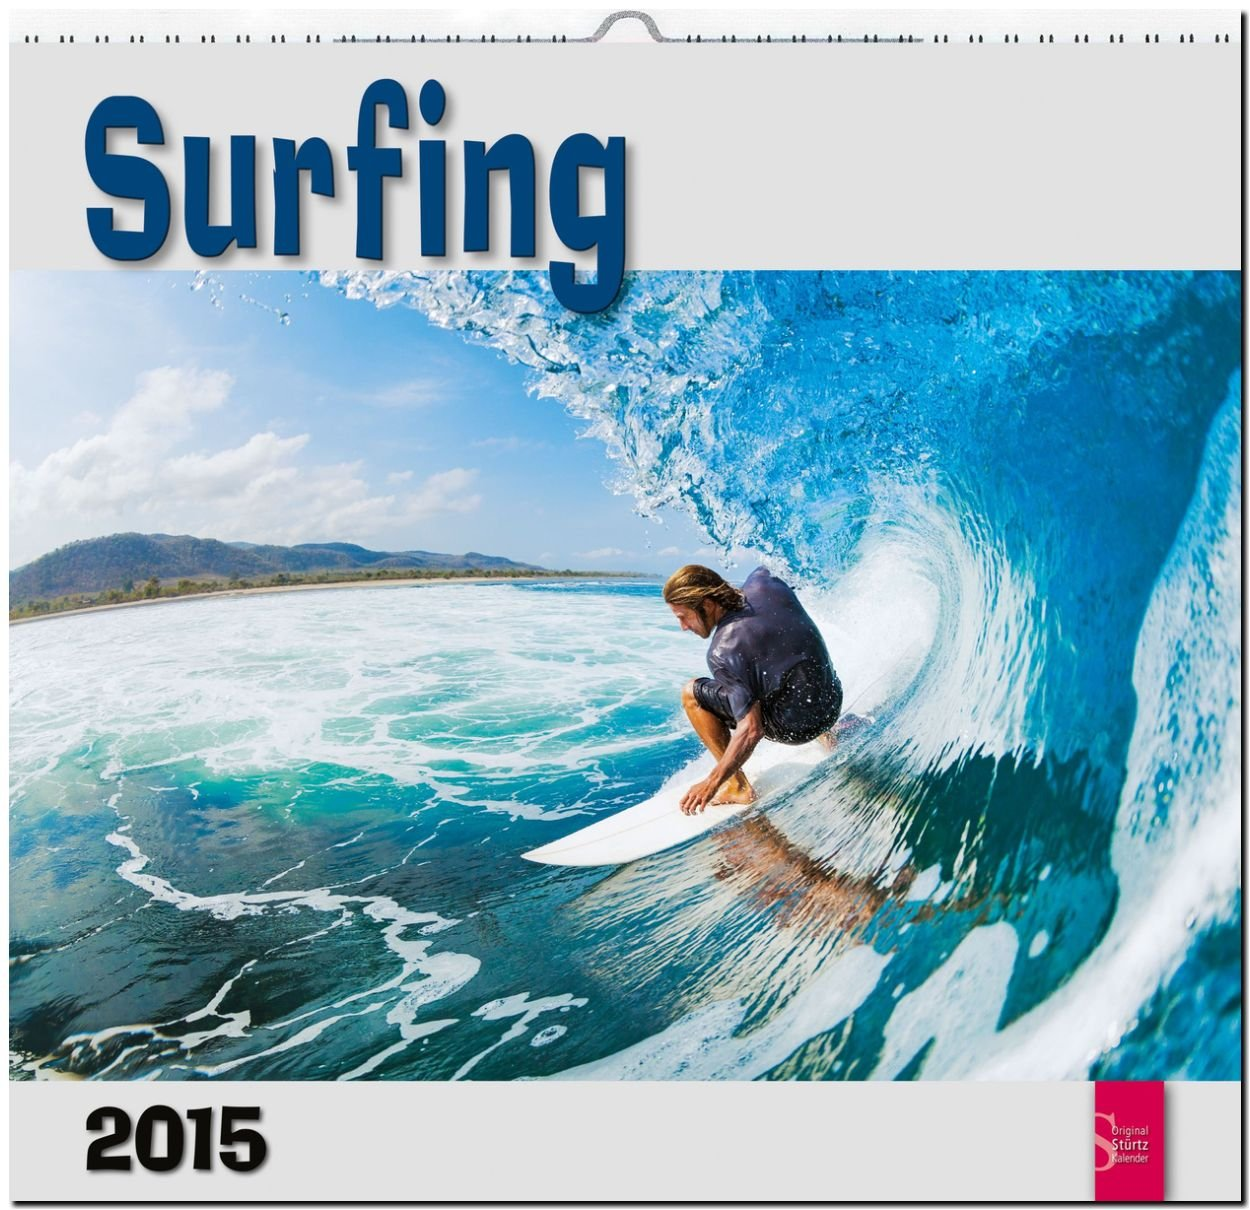 Surfing 2015 - Original Stürtz-Kalender - Mittelformat-Kalender 33 x 31 cm